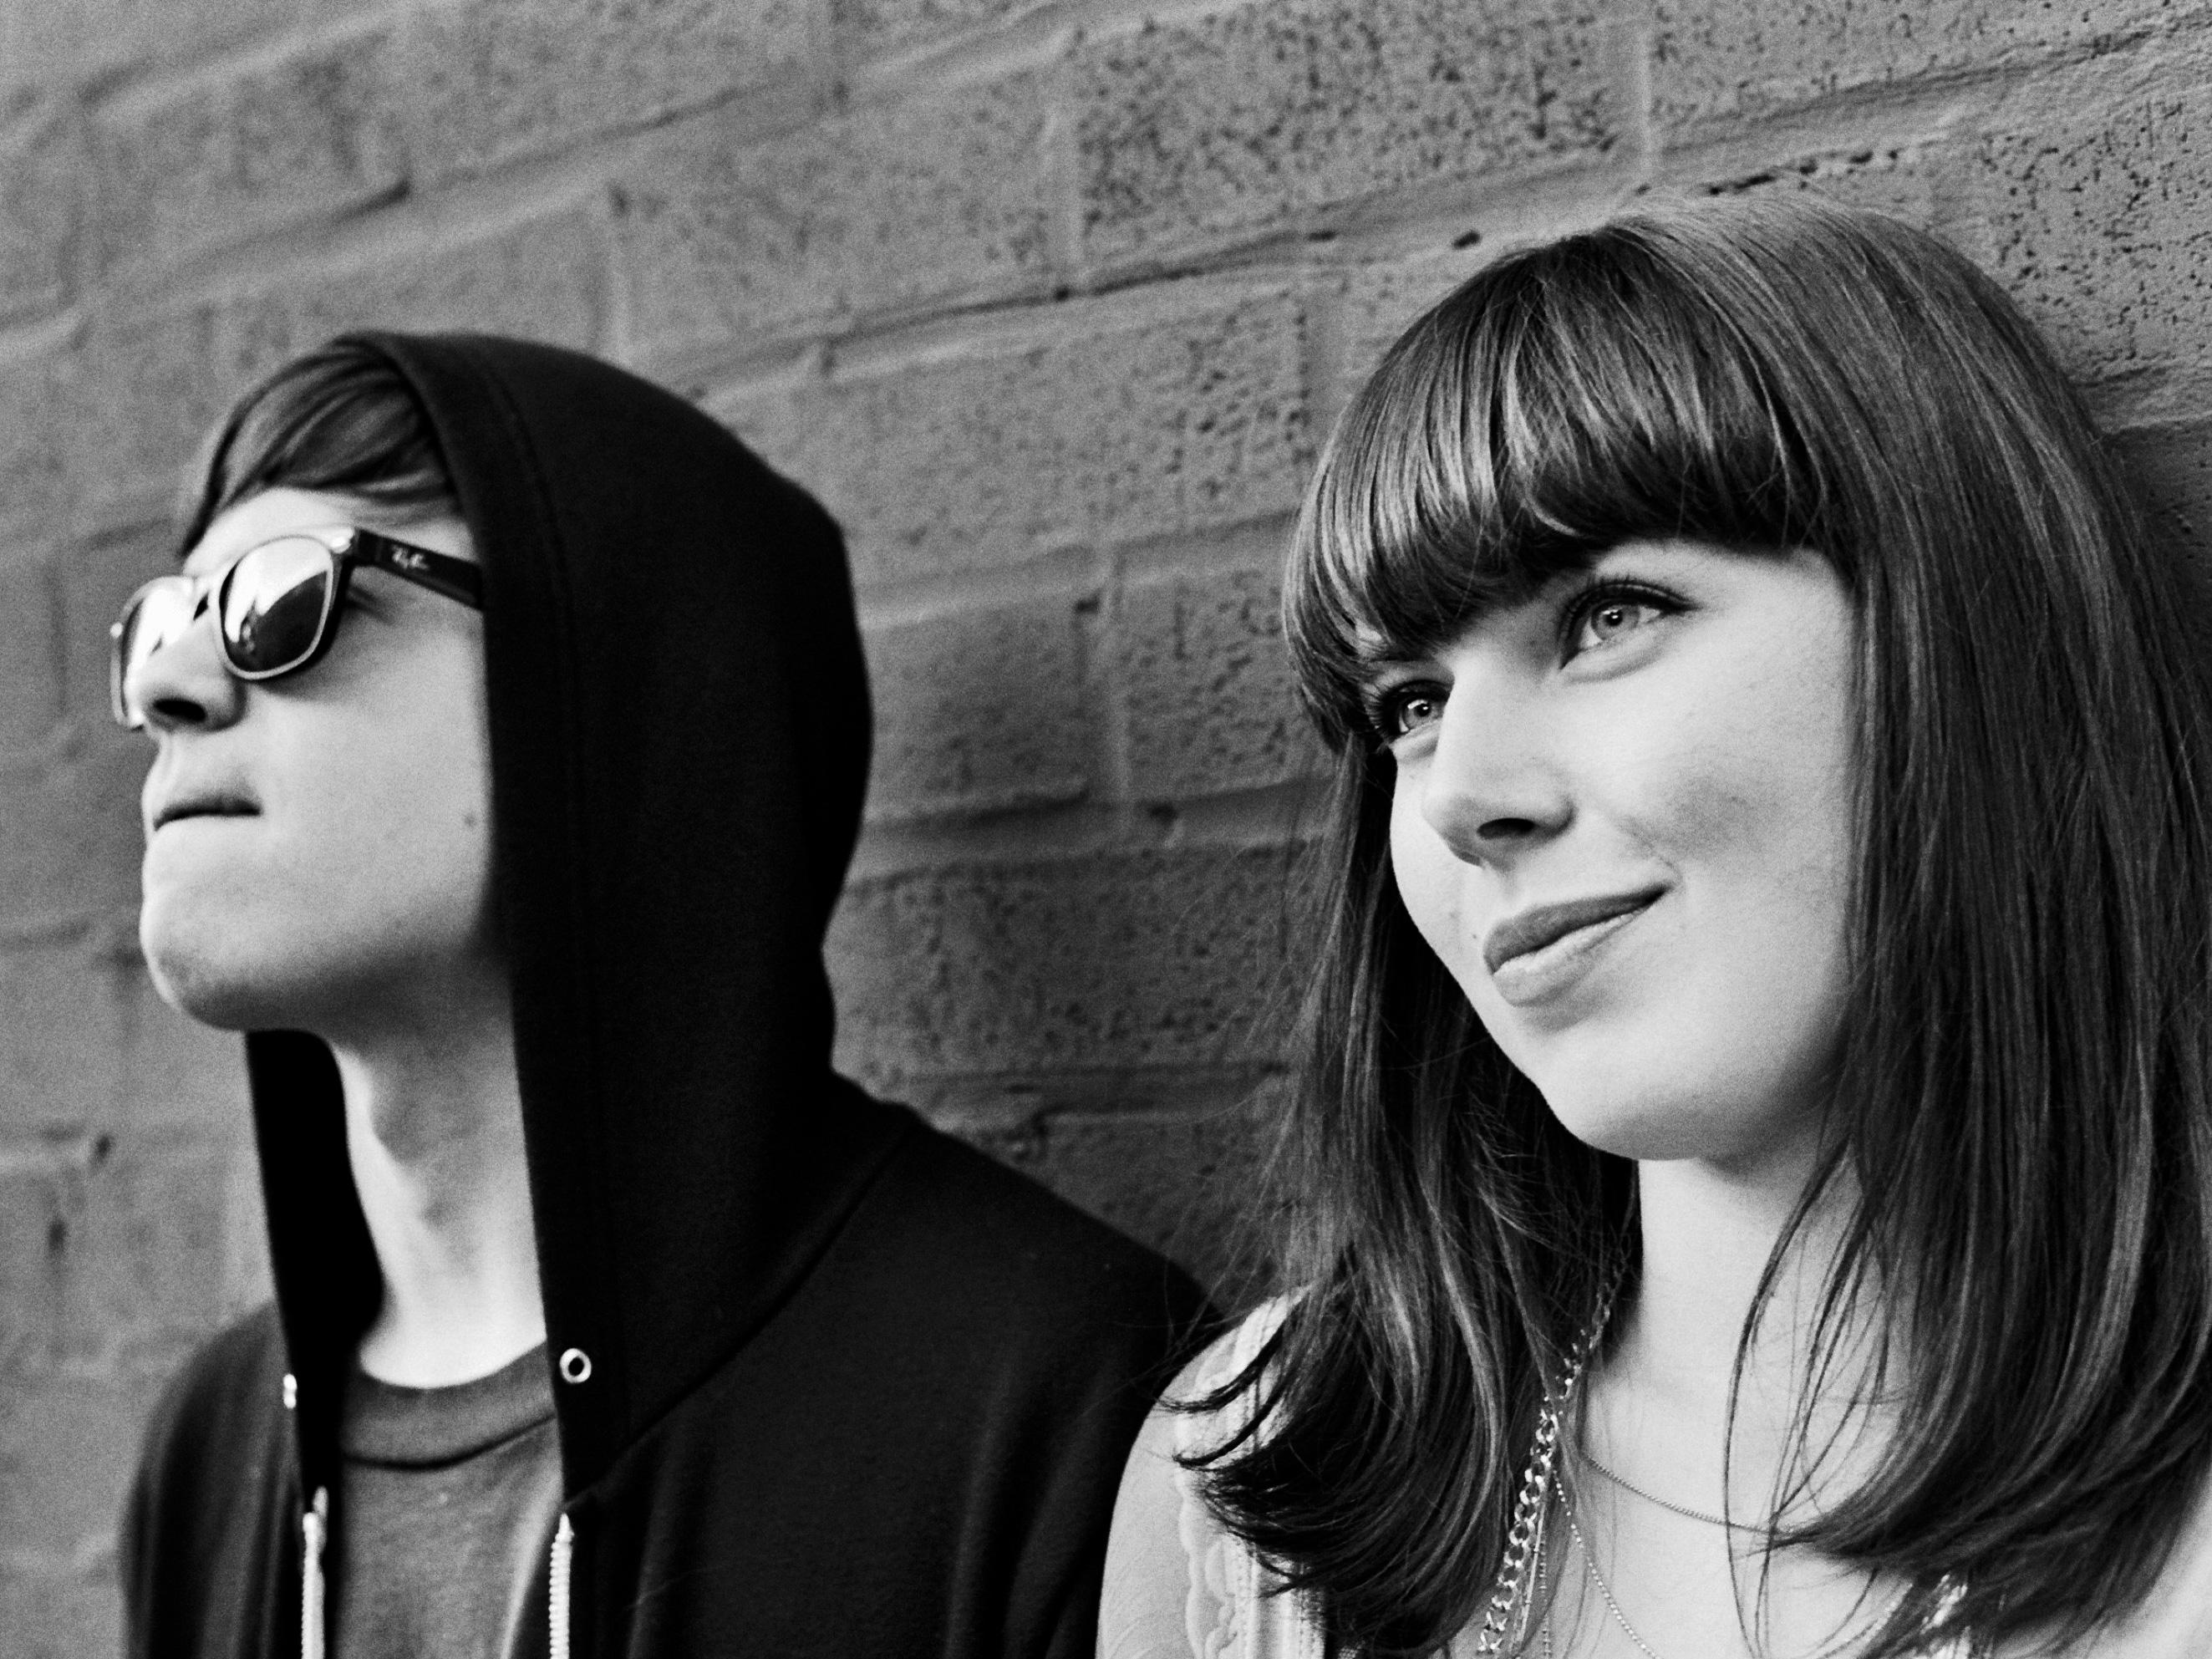 Sleigh Bells выпустили дебютный альбом Treats